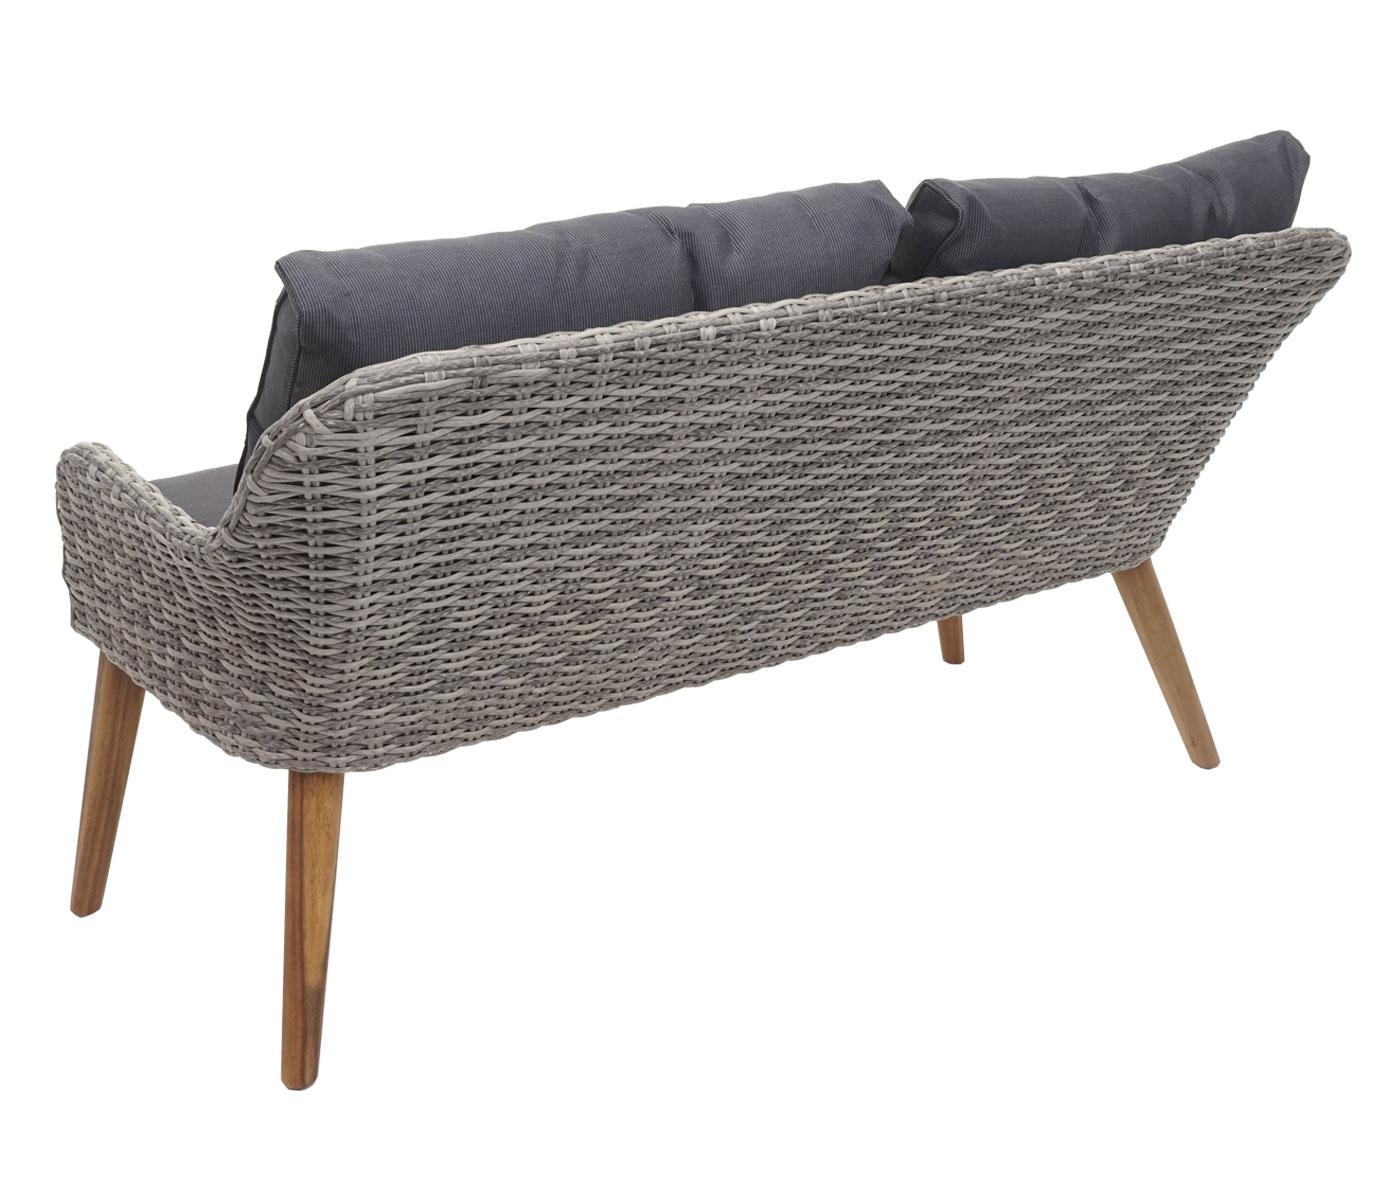 Gartengarnitur HWC-H64 Rückansicht Sofa